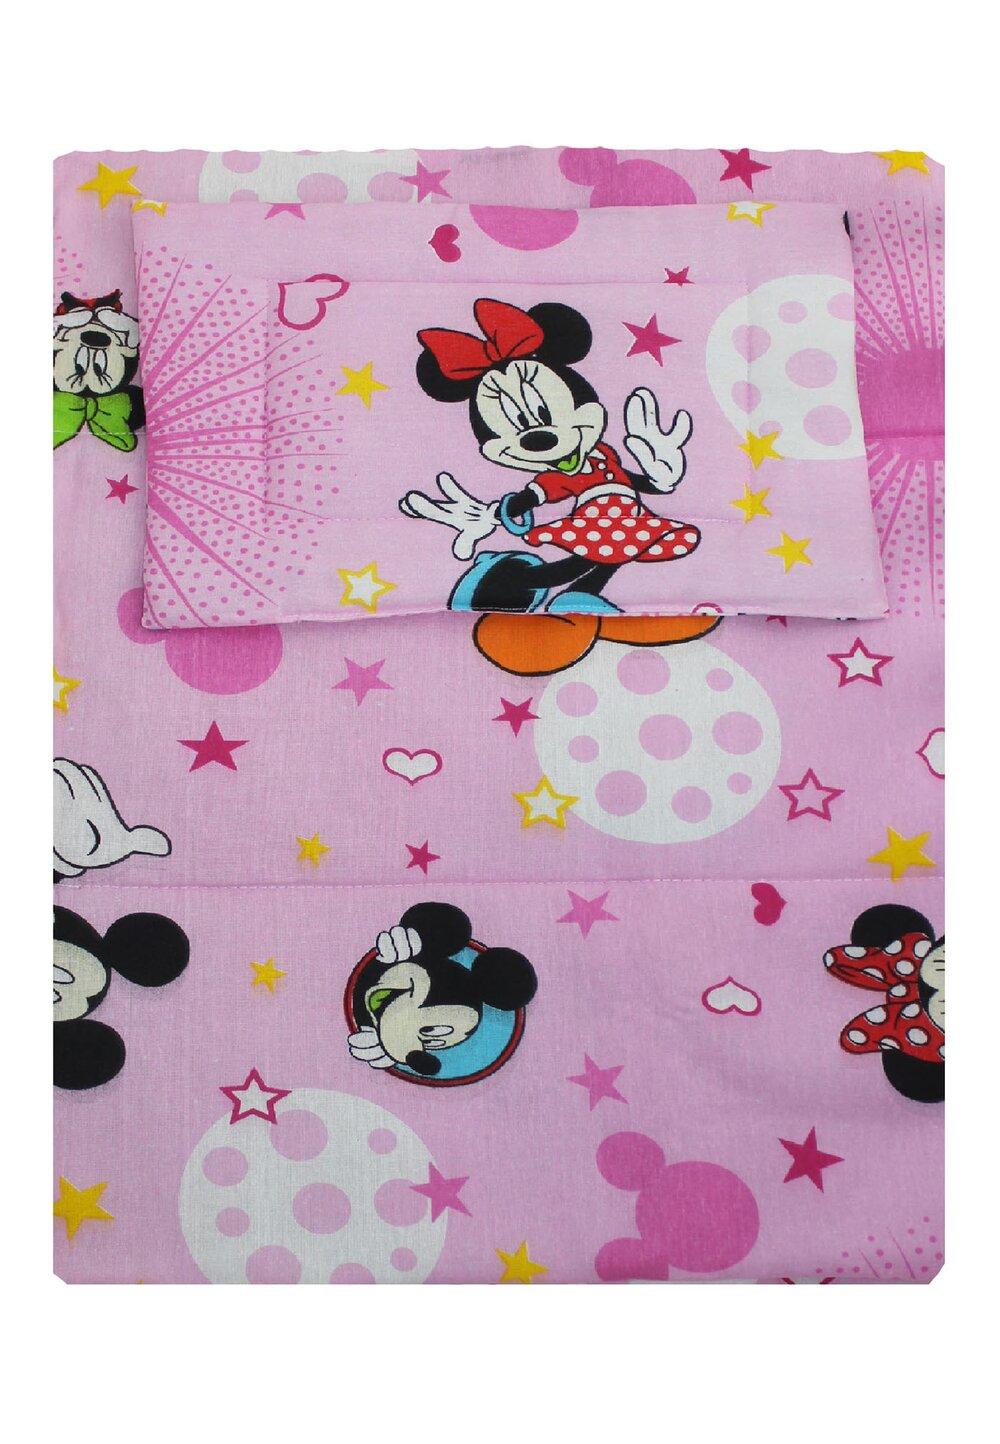 Lenjerie 3 piese, Minnie si Mickey, roz cu stelute, 120x60cm imagine